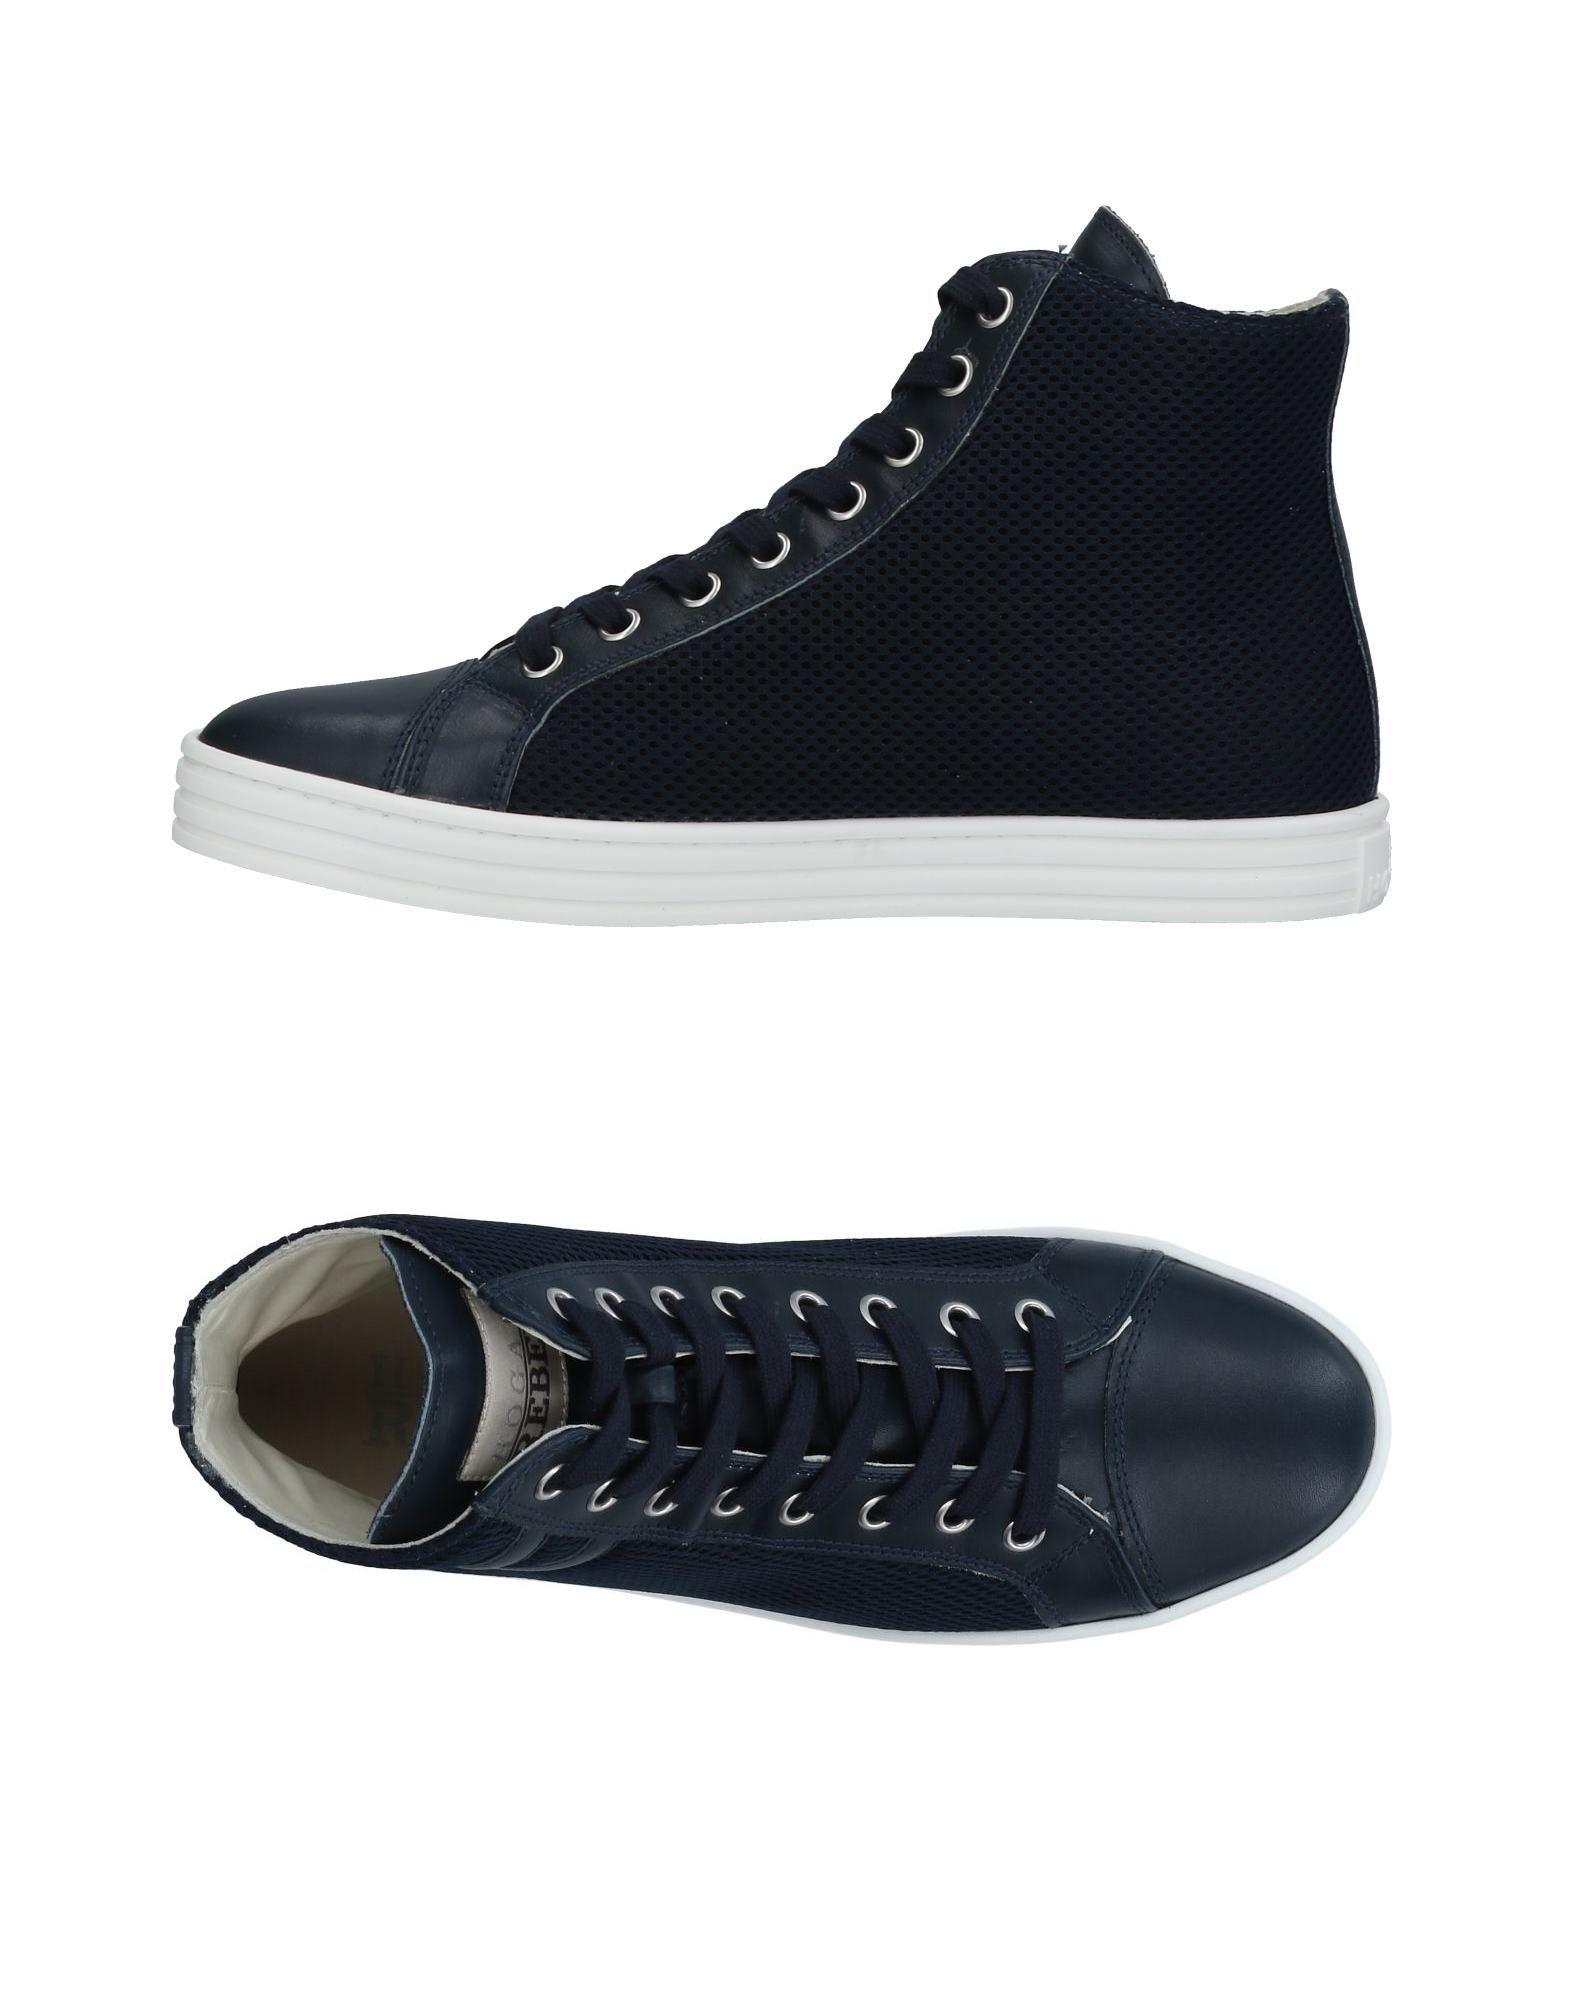 Zapatos Zapatillas casuales salvajes Zapatillas Hogan Rebel Mujer - Zapatillas Zapatos Hogan Rebel  Azul oscuro f18b73